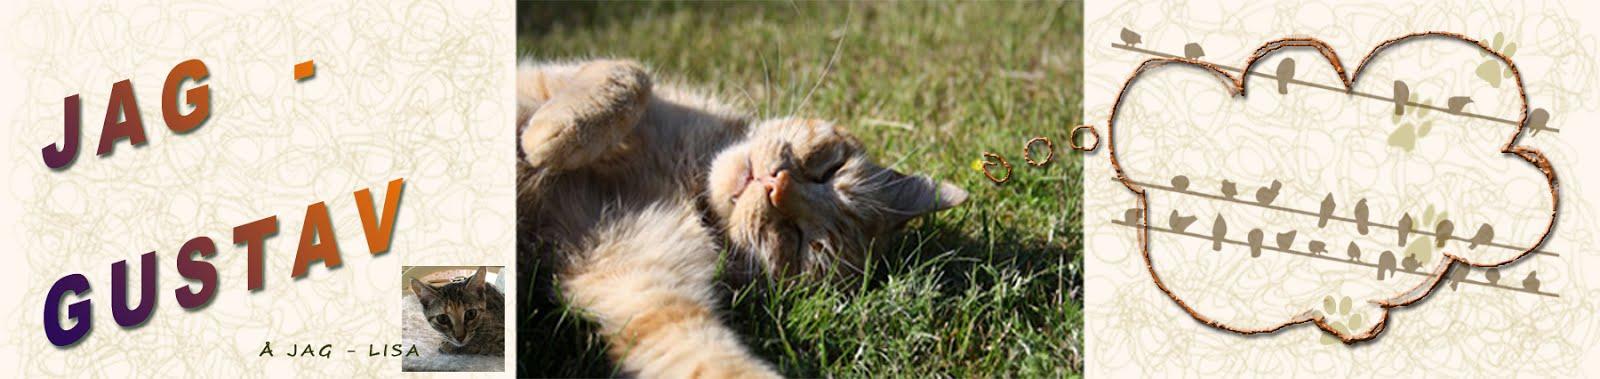 Katten Gustav